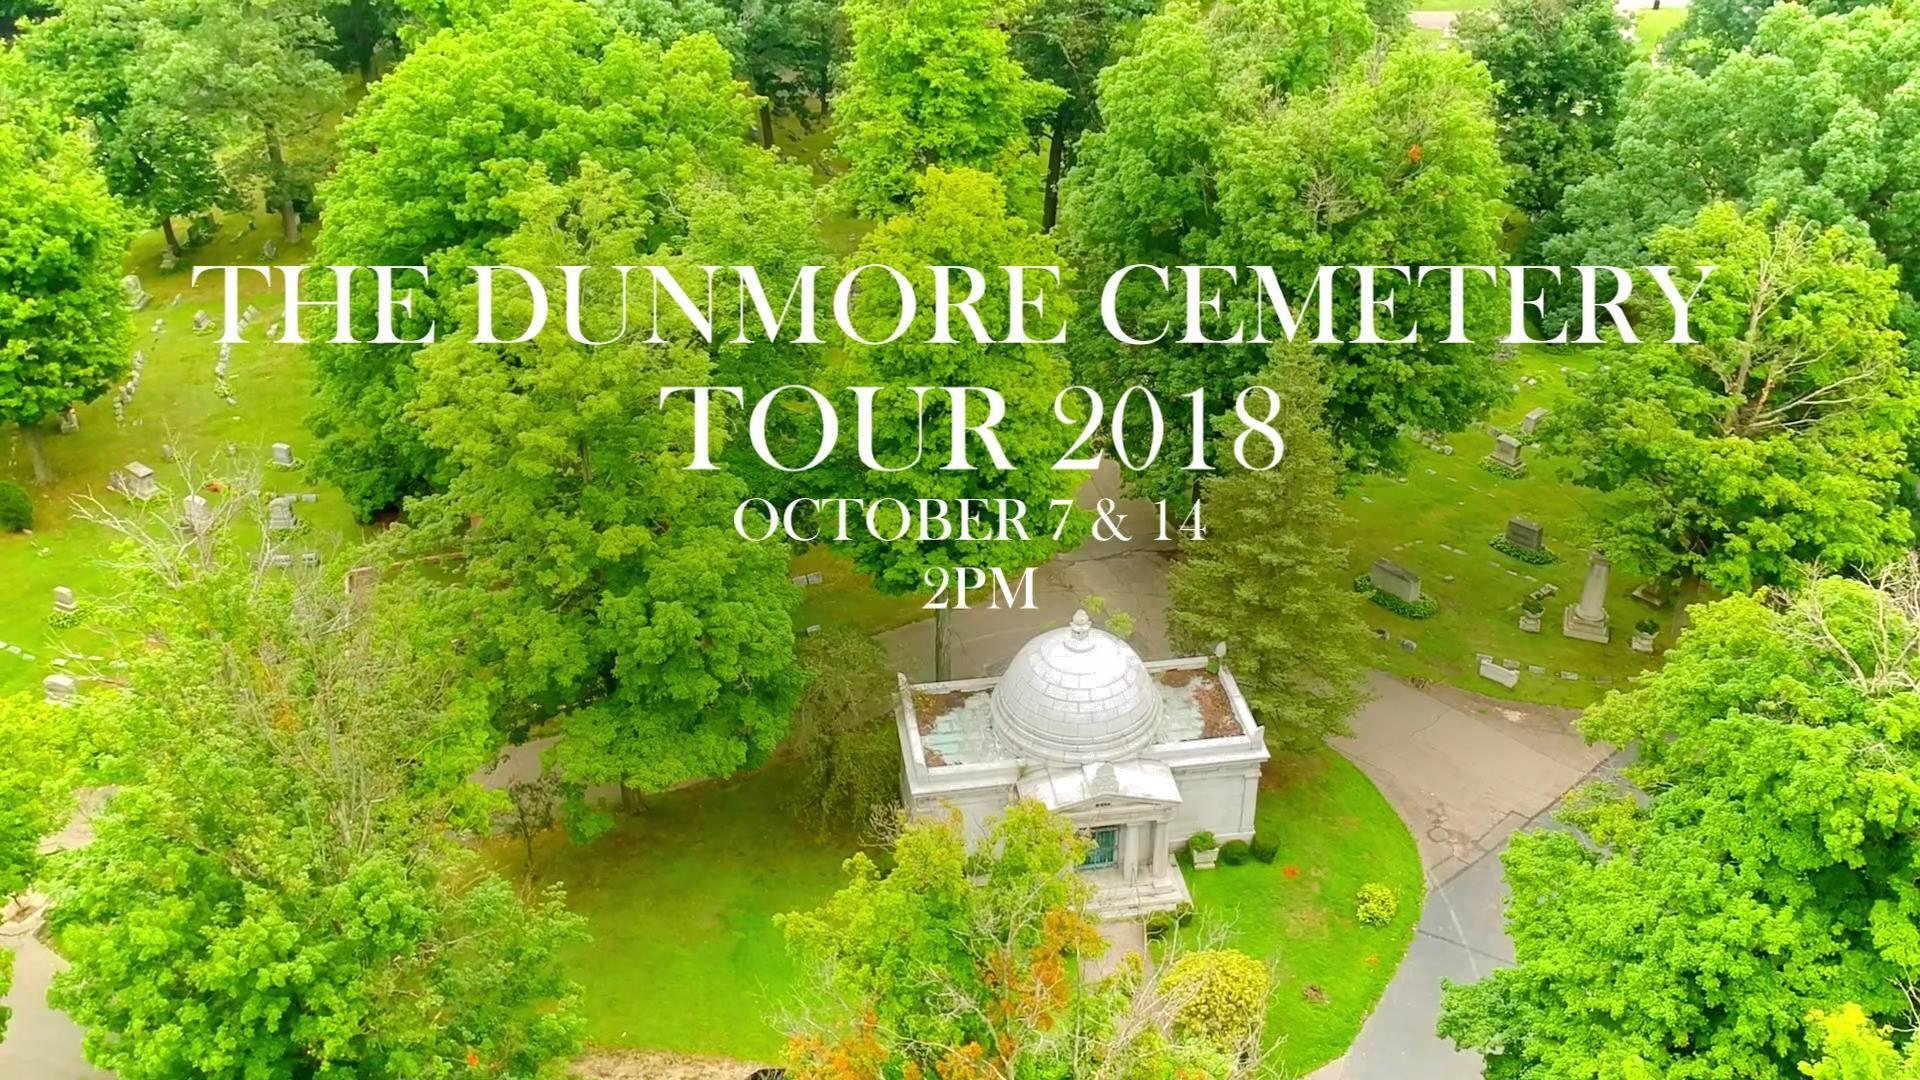 Dunmore Cemetery Tour - Teaser 4